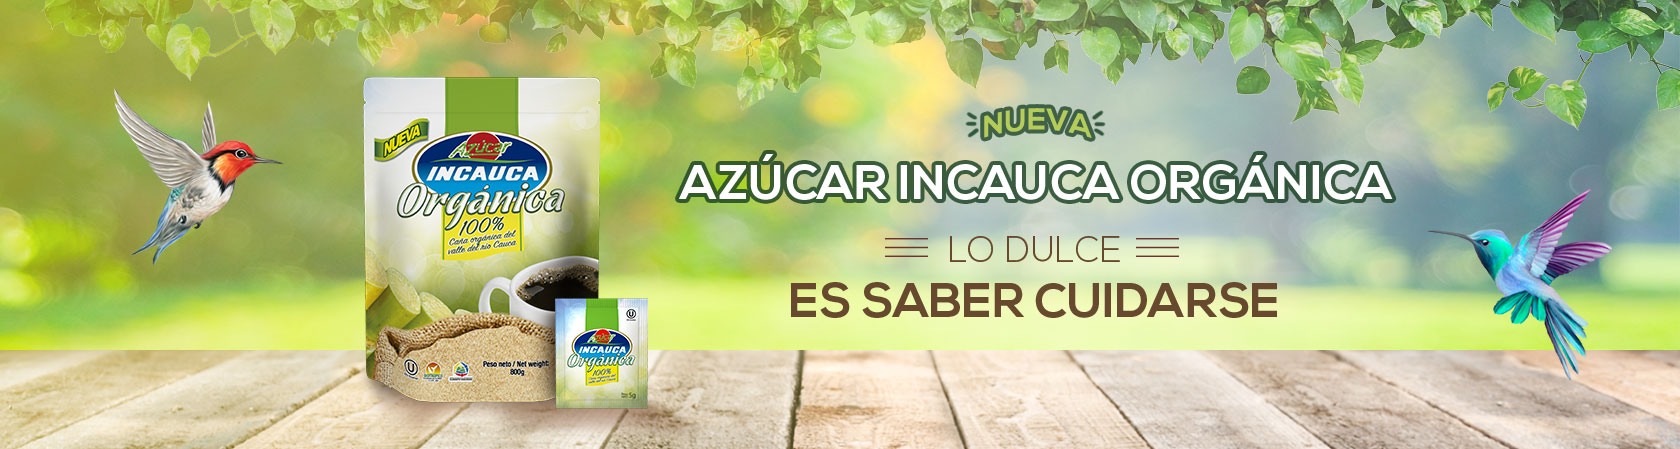 azucar-incauca-organica_nuestros-producto_consumo_noviembre2017